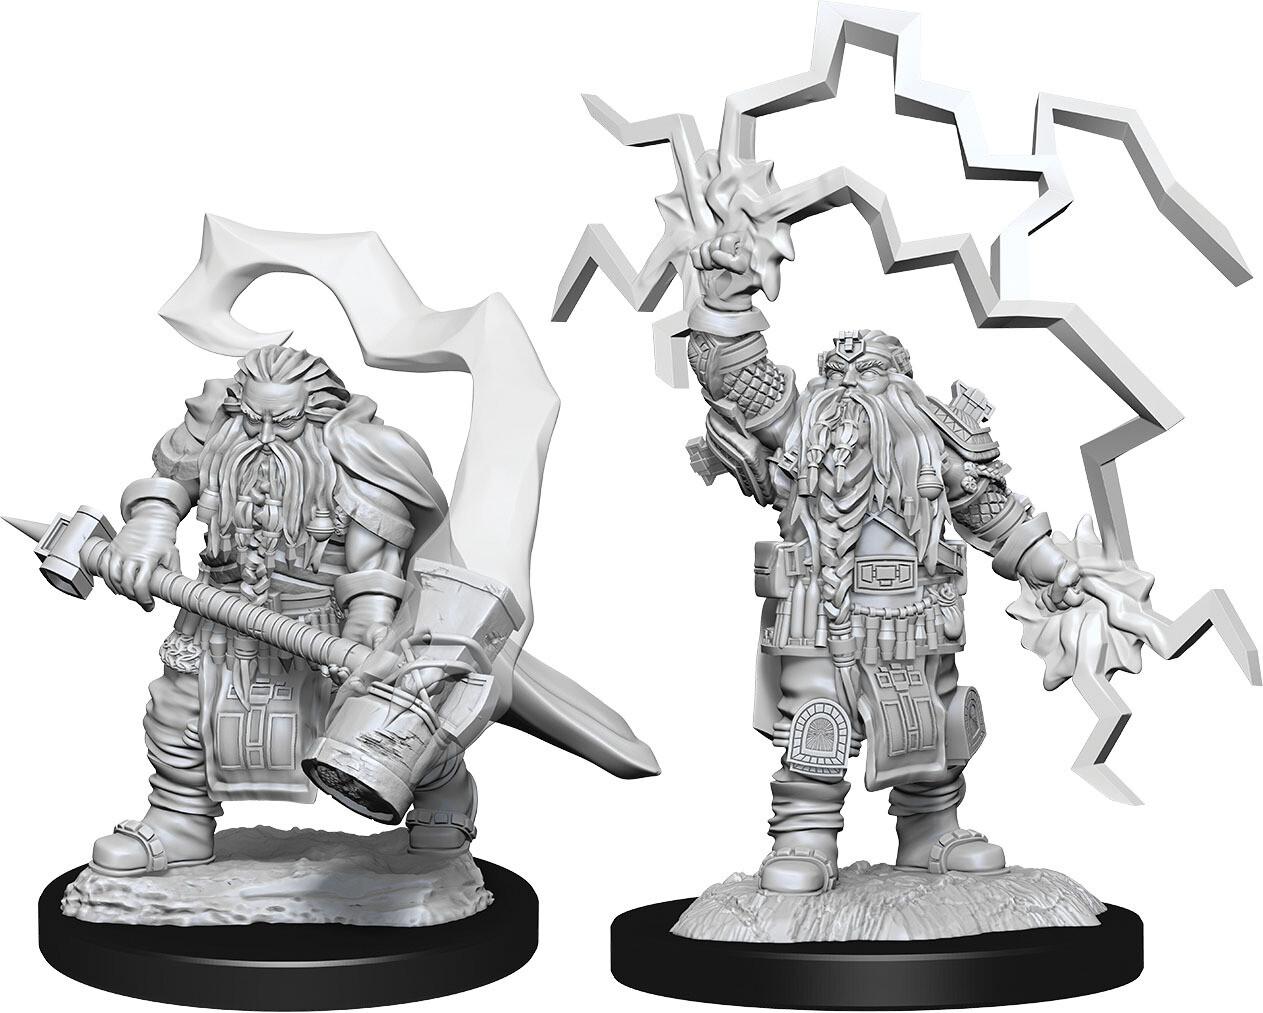 D&D Nolzur's Marvelous Miniatures - Dwarf Male Cleric versione B